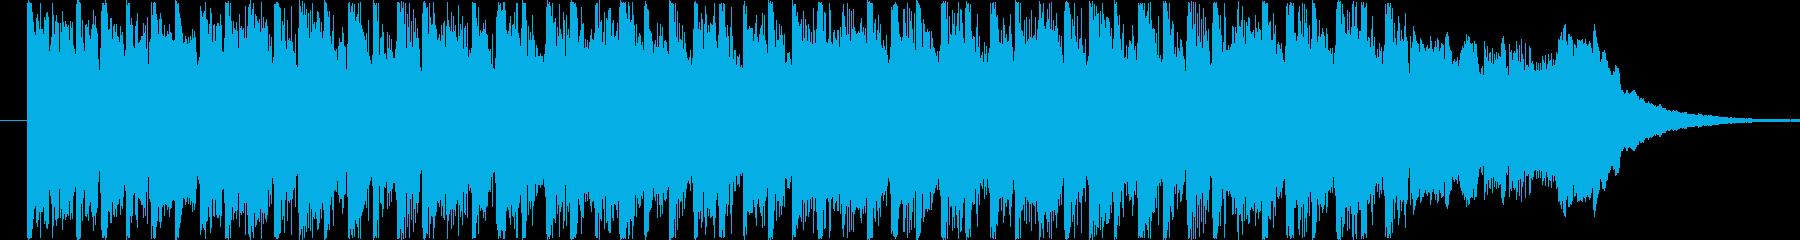 疾走感溢れるテクノ風BGM(15ver)の再生済みの波形